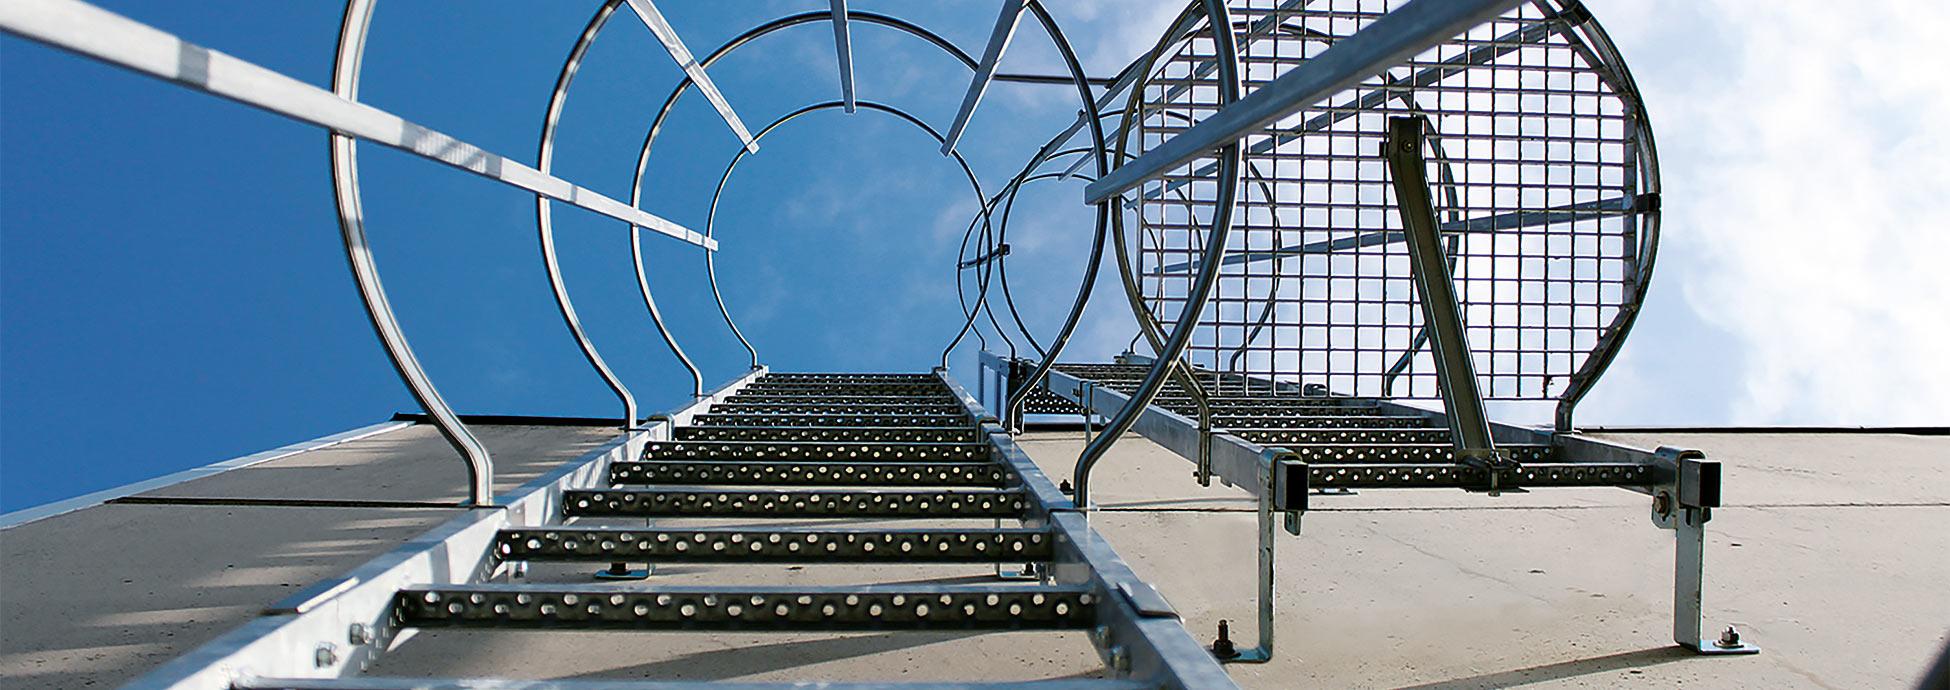 KRAUSE Rögzített létrák - Biztonságos fel- és lemászás, nagy magasságokban is